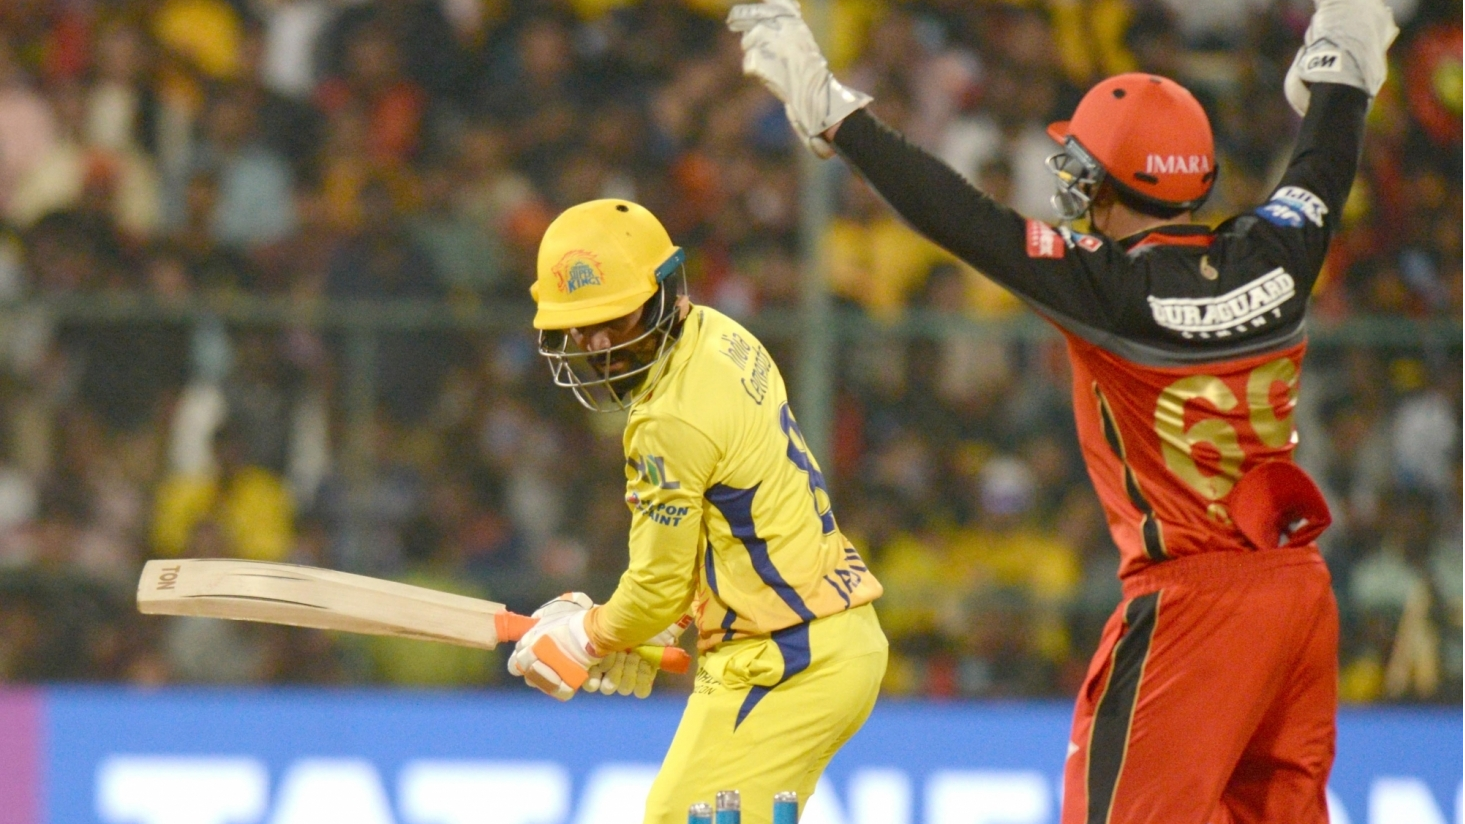 IPL 2018 : रविन्द्र जडेजा को अपने ख़राब प्रदर्शन के लिए ट्विटर पर आलोचनाओं का करना पड़ा सामना